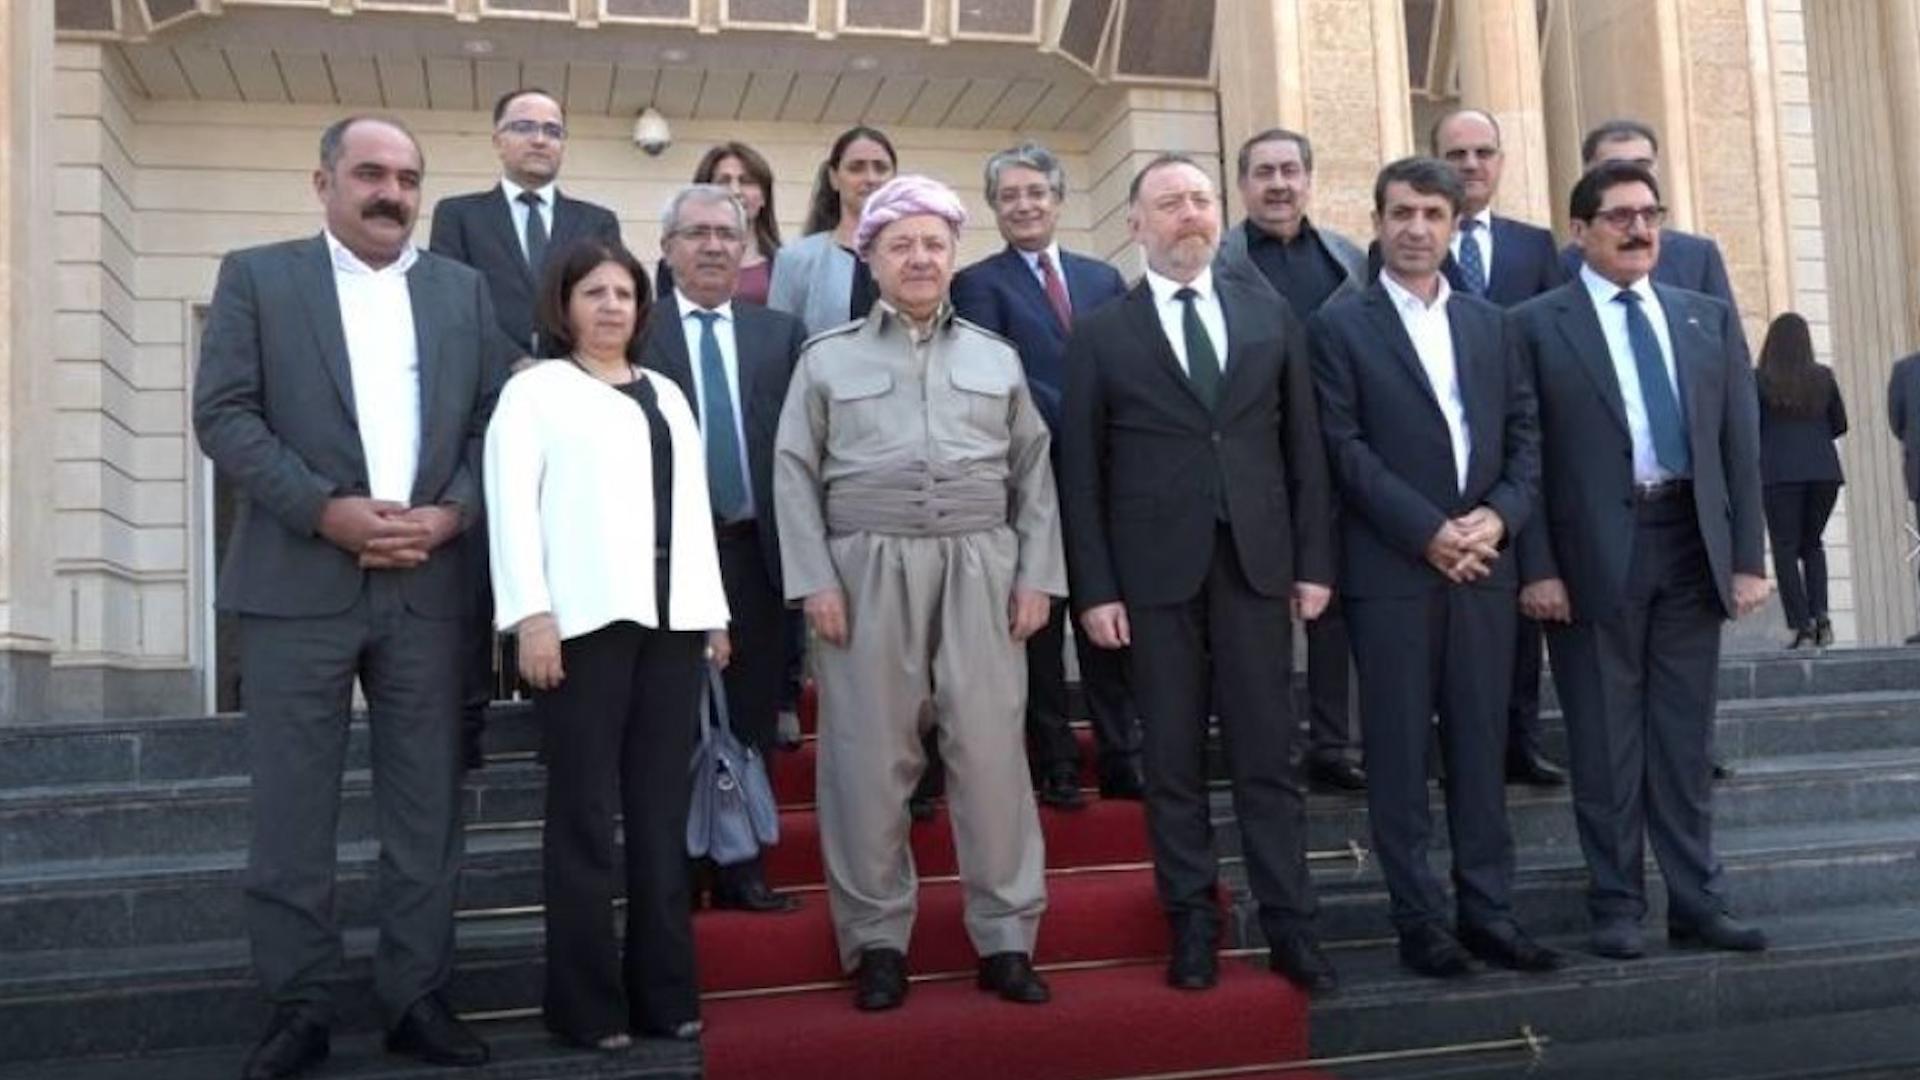 Photo of ŞANDEYEK JI HDP'Ê Û KCD'Ê HEVDÎTIN BI SEROKÊ GIŞTÎ YÊ PDK'Ê MESÛD BARZANÎ RE PÊK ANÎN